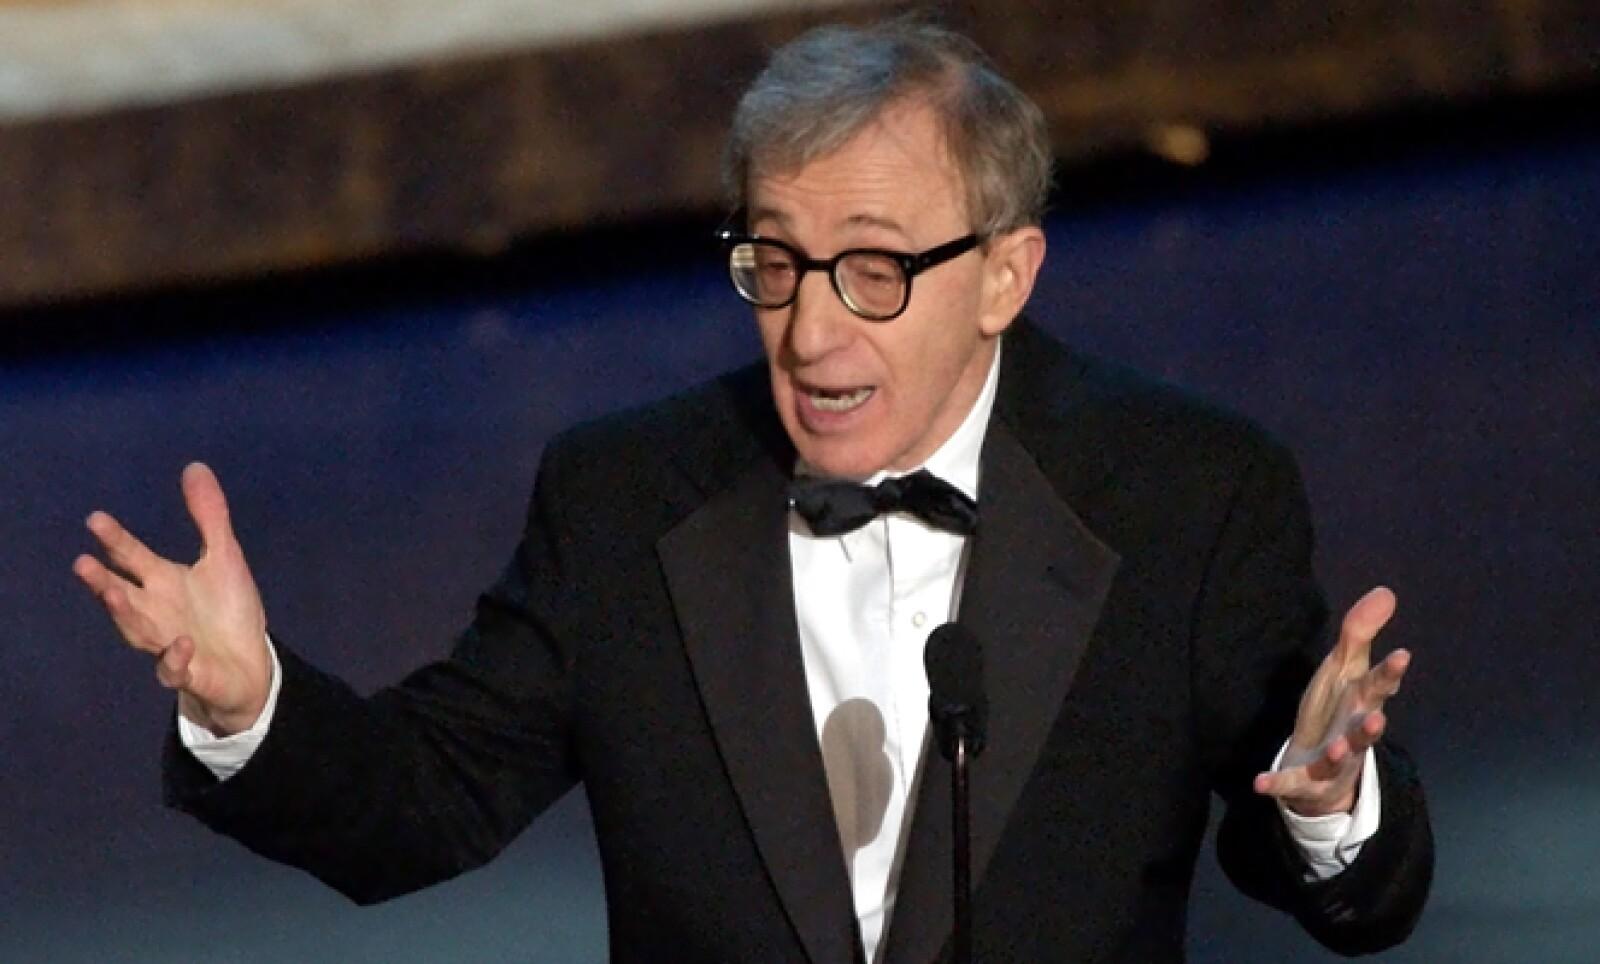 Woody Allen acudió a la ceremonia número 74 de los Oscar, en 2002, tras los atentados terroristas en Nueva York. Hasta ese año, el director y actor rehusaba asistir a las entregas.